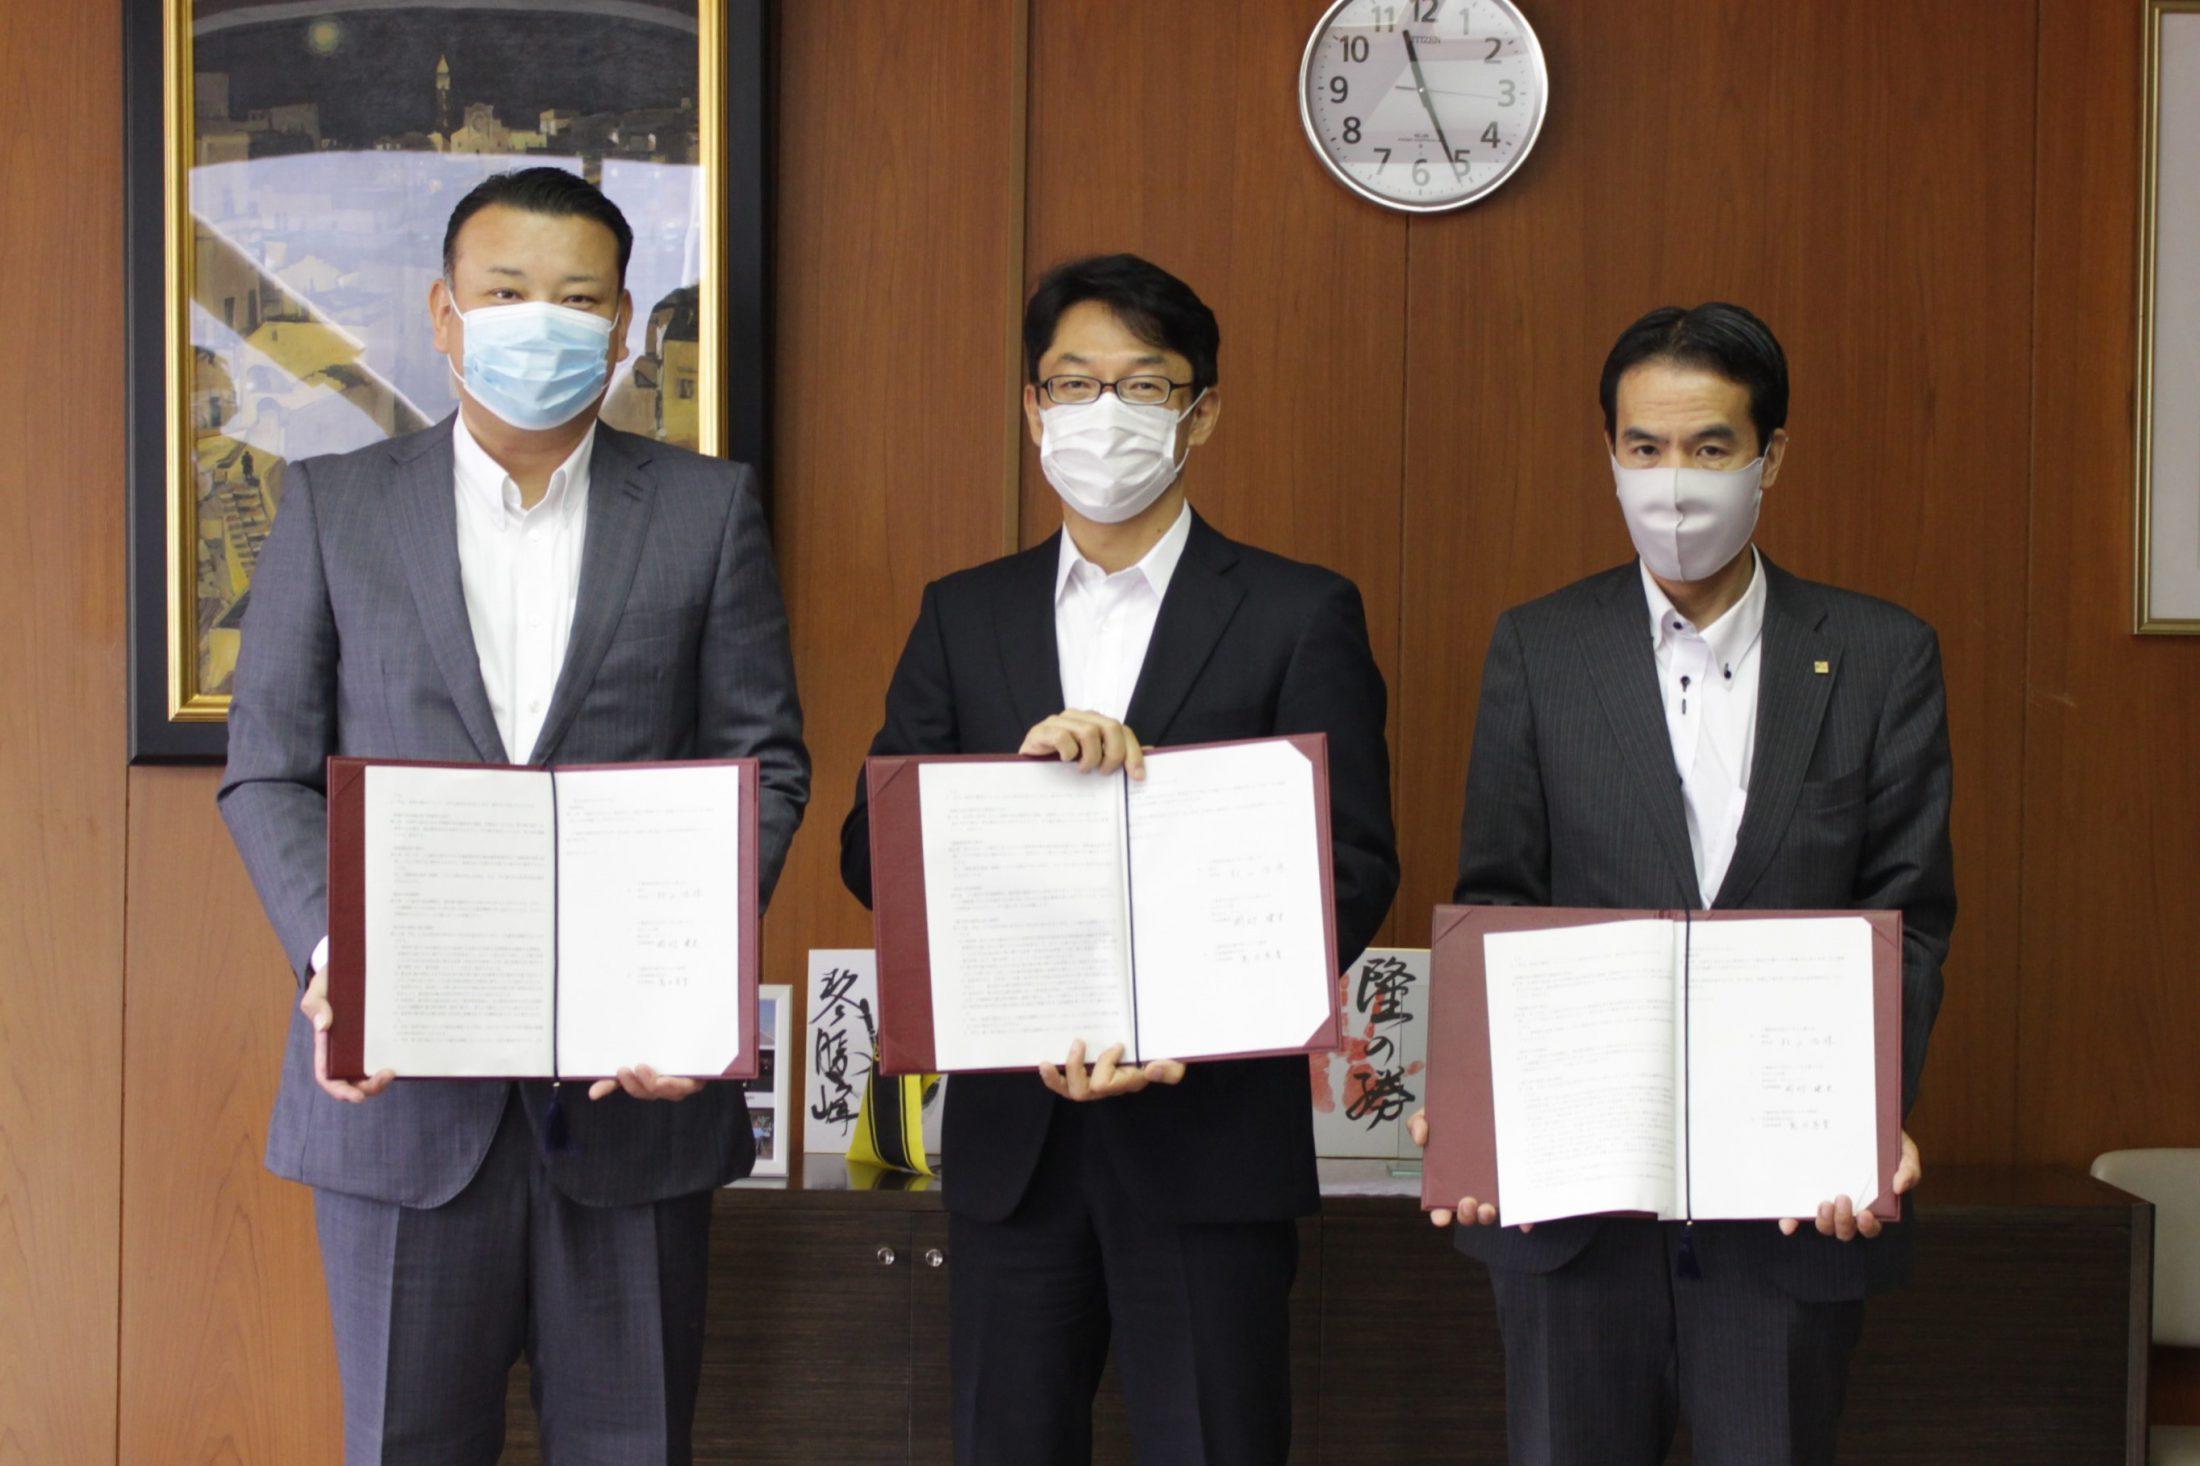 柏市・デベロップ・広島建設の三者間で災害協定を締結しました